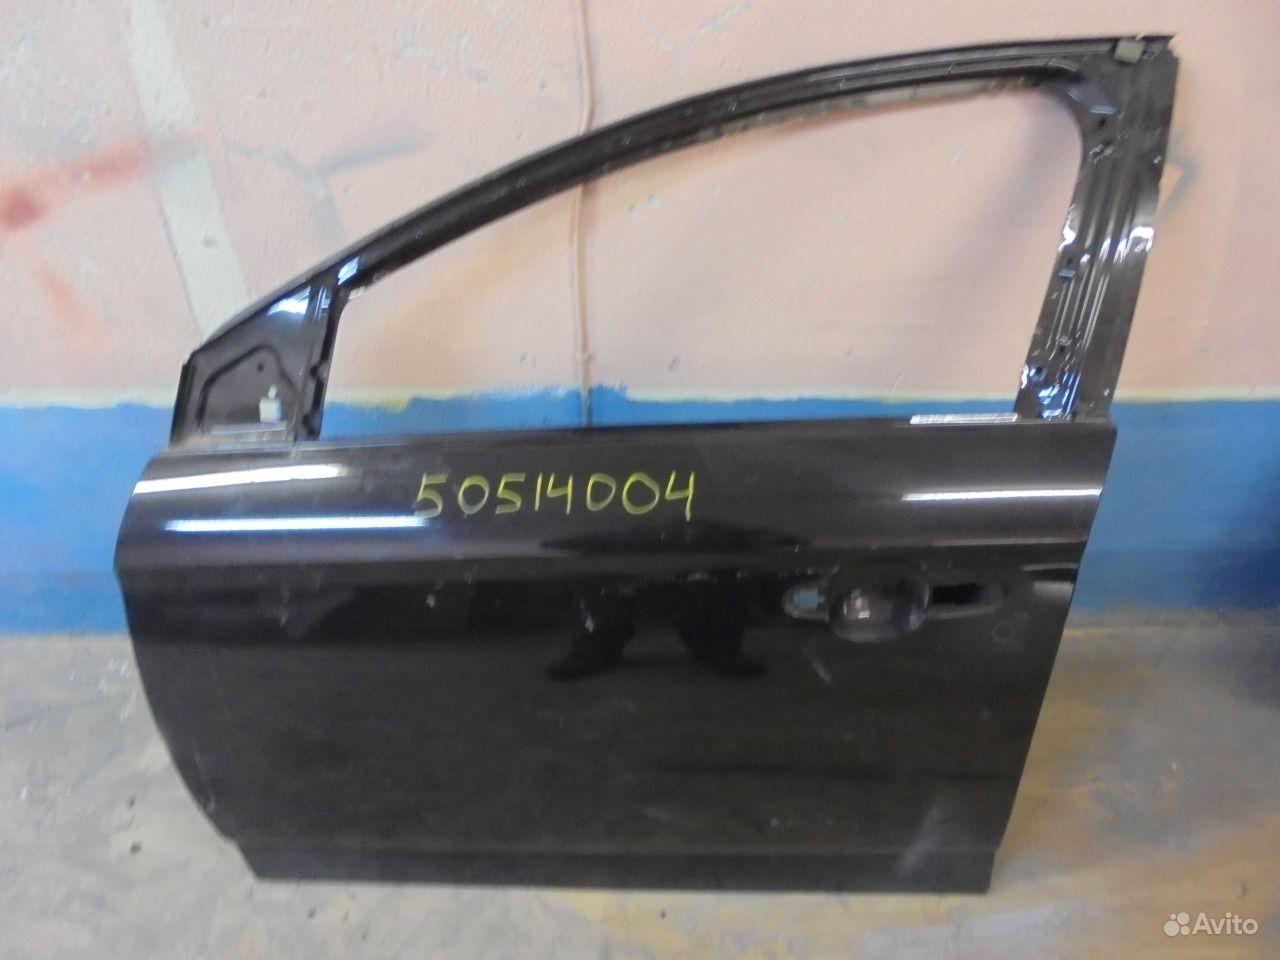 Юбка переднего бампера ford mondeo 3 29 фотография